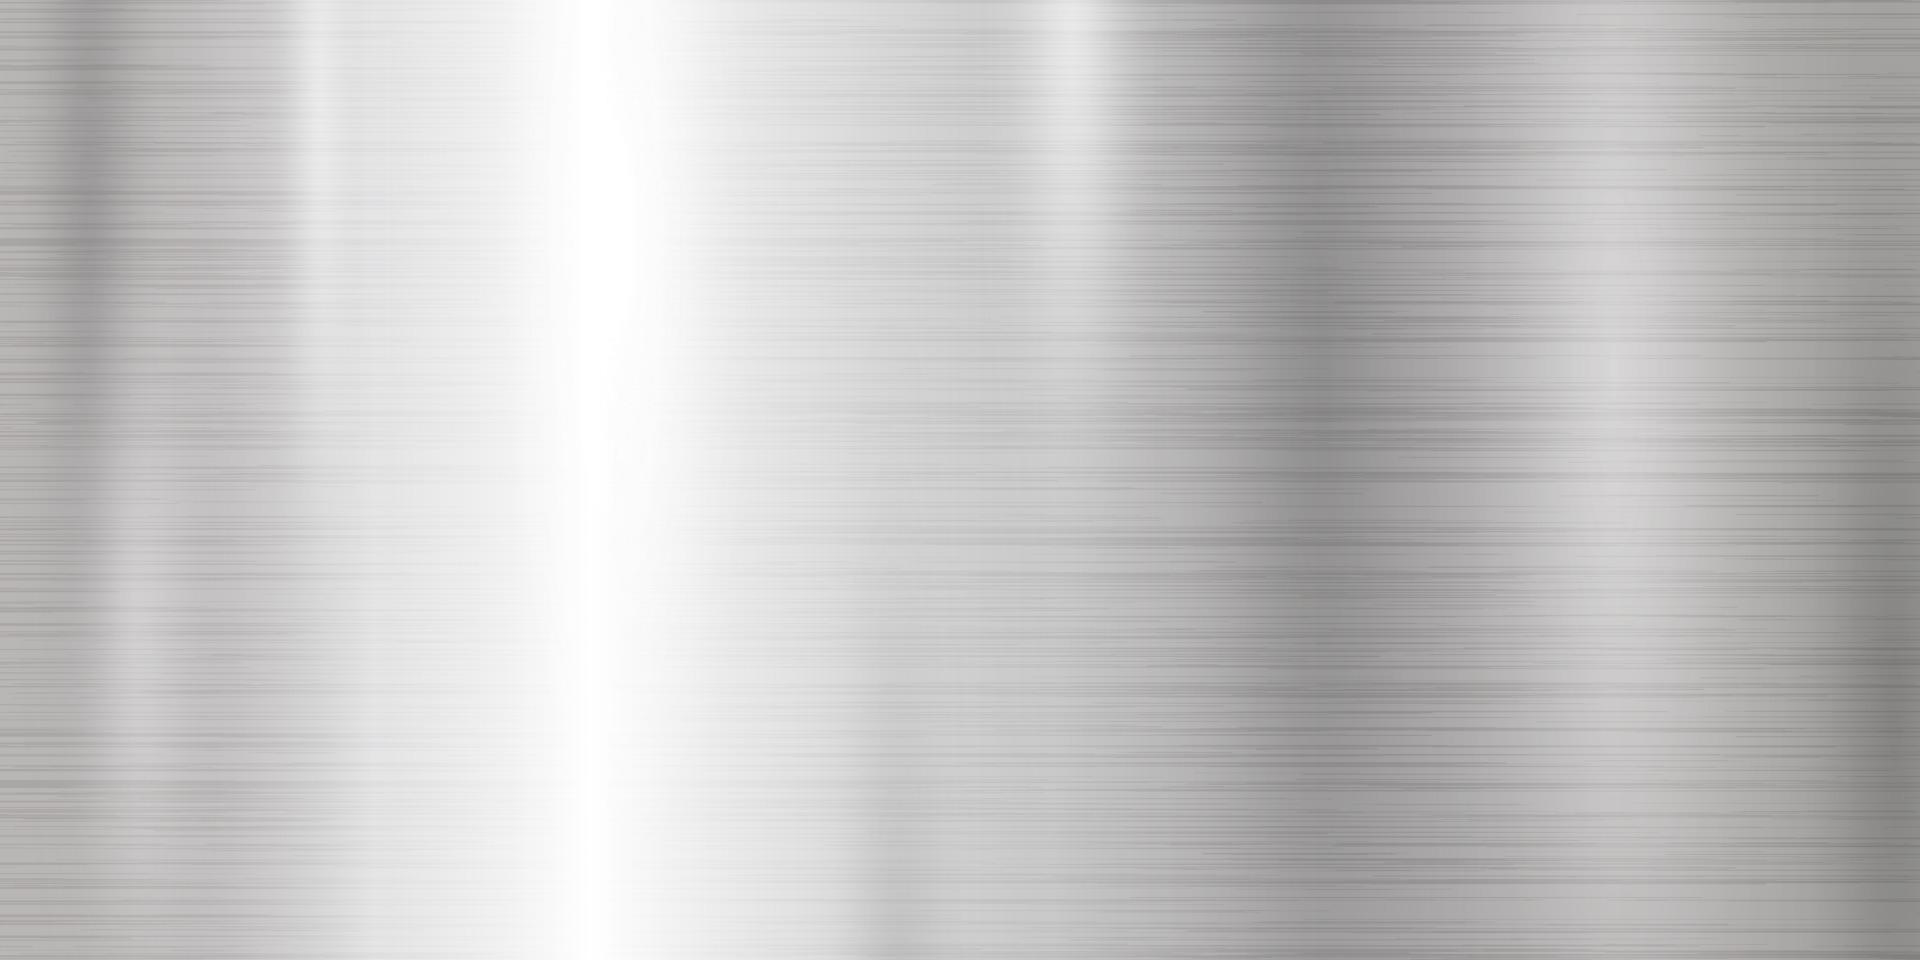 zilver metalen textuur achtergrond vectorillustratie vector